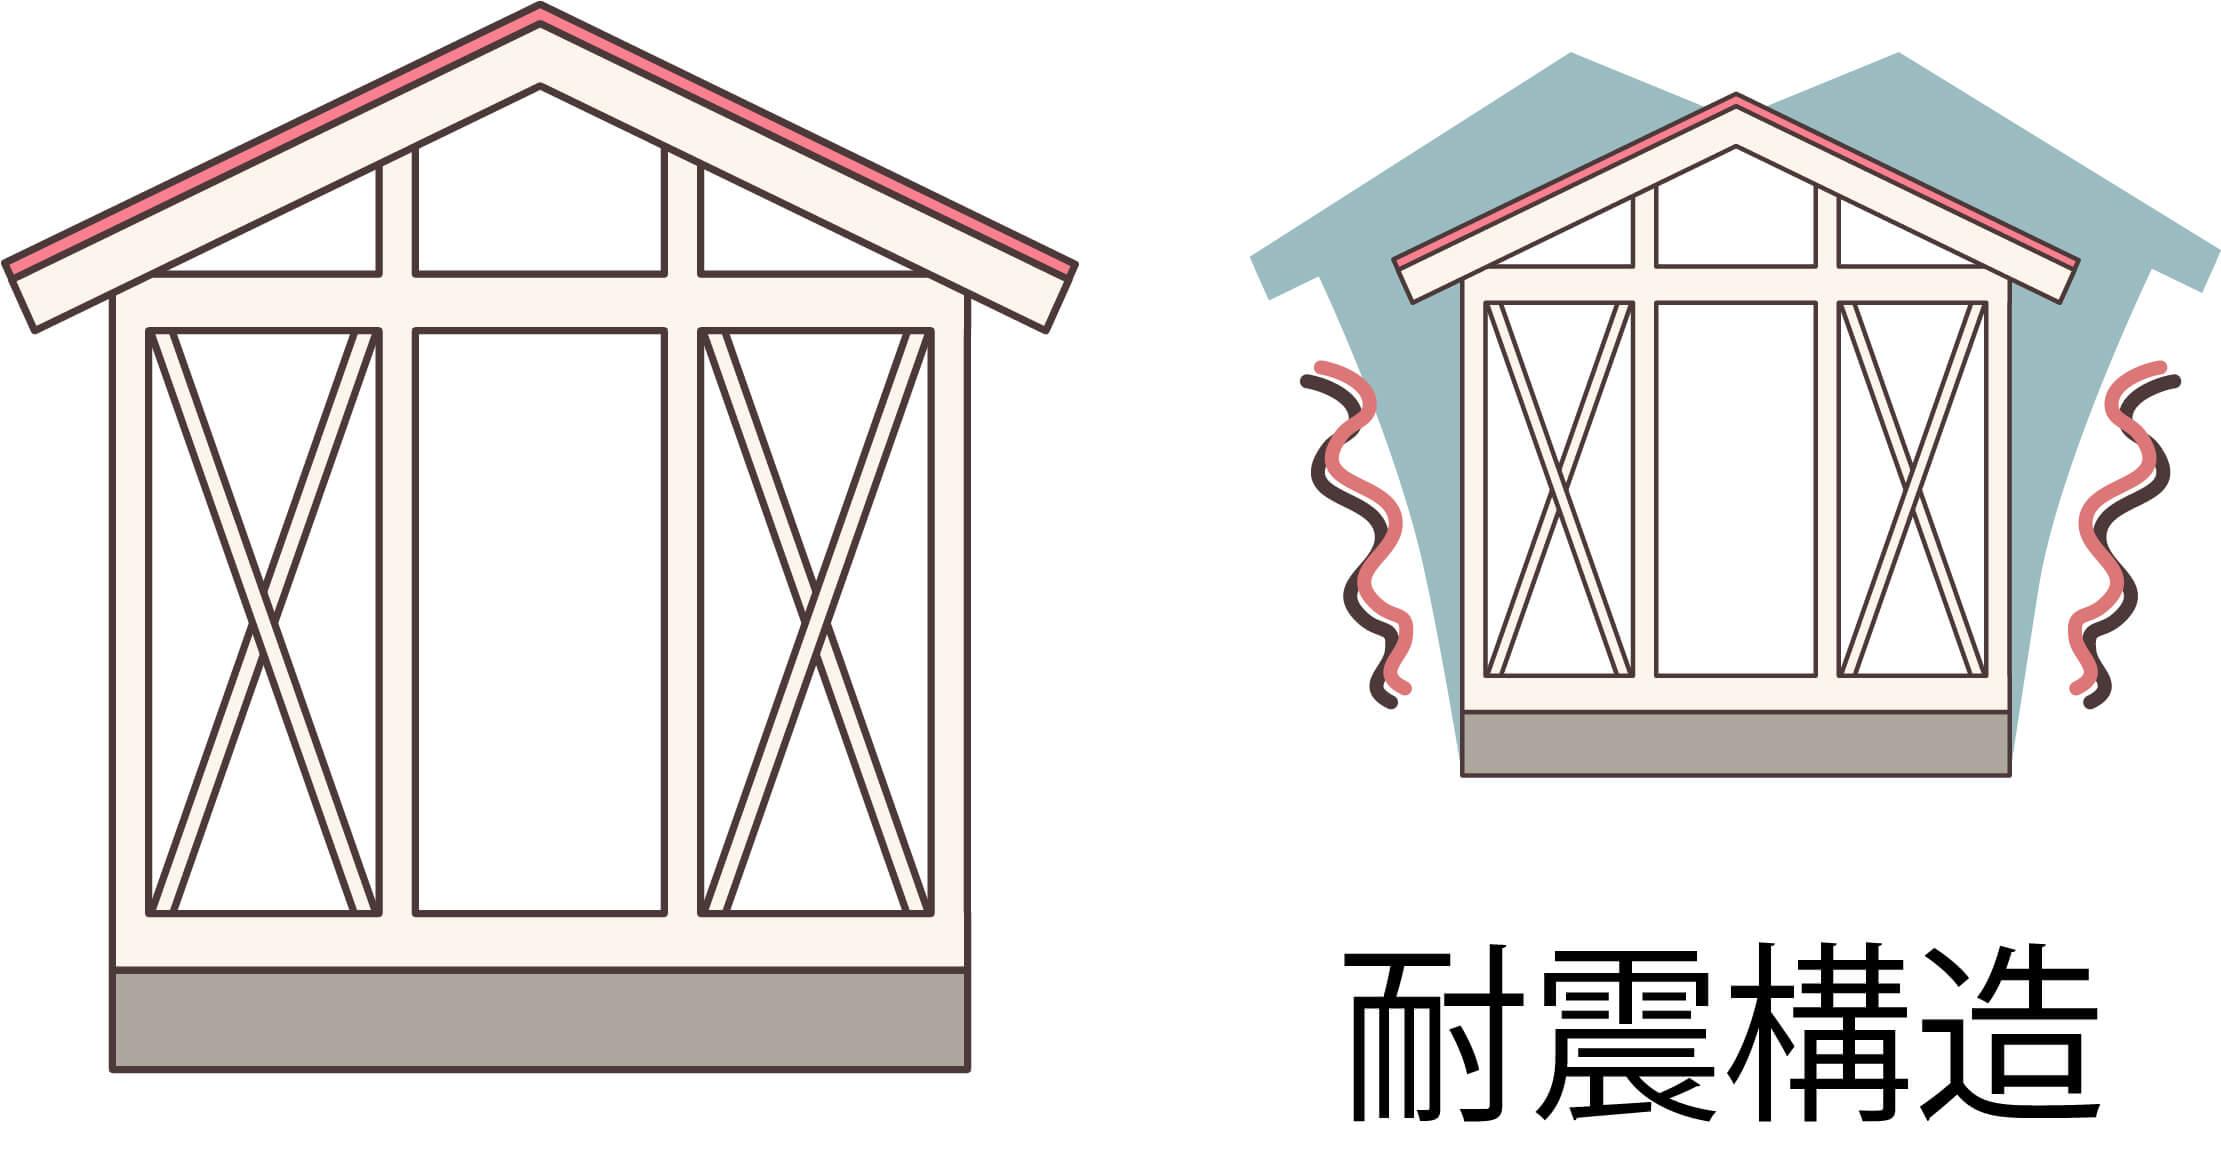 大阪市の耐震住宅の種類「耐震」